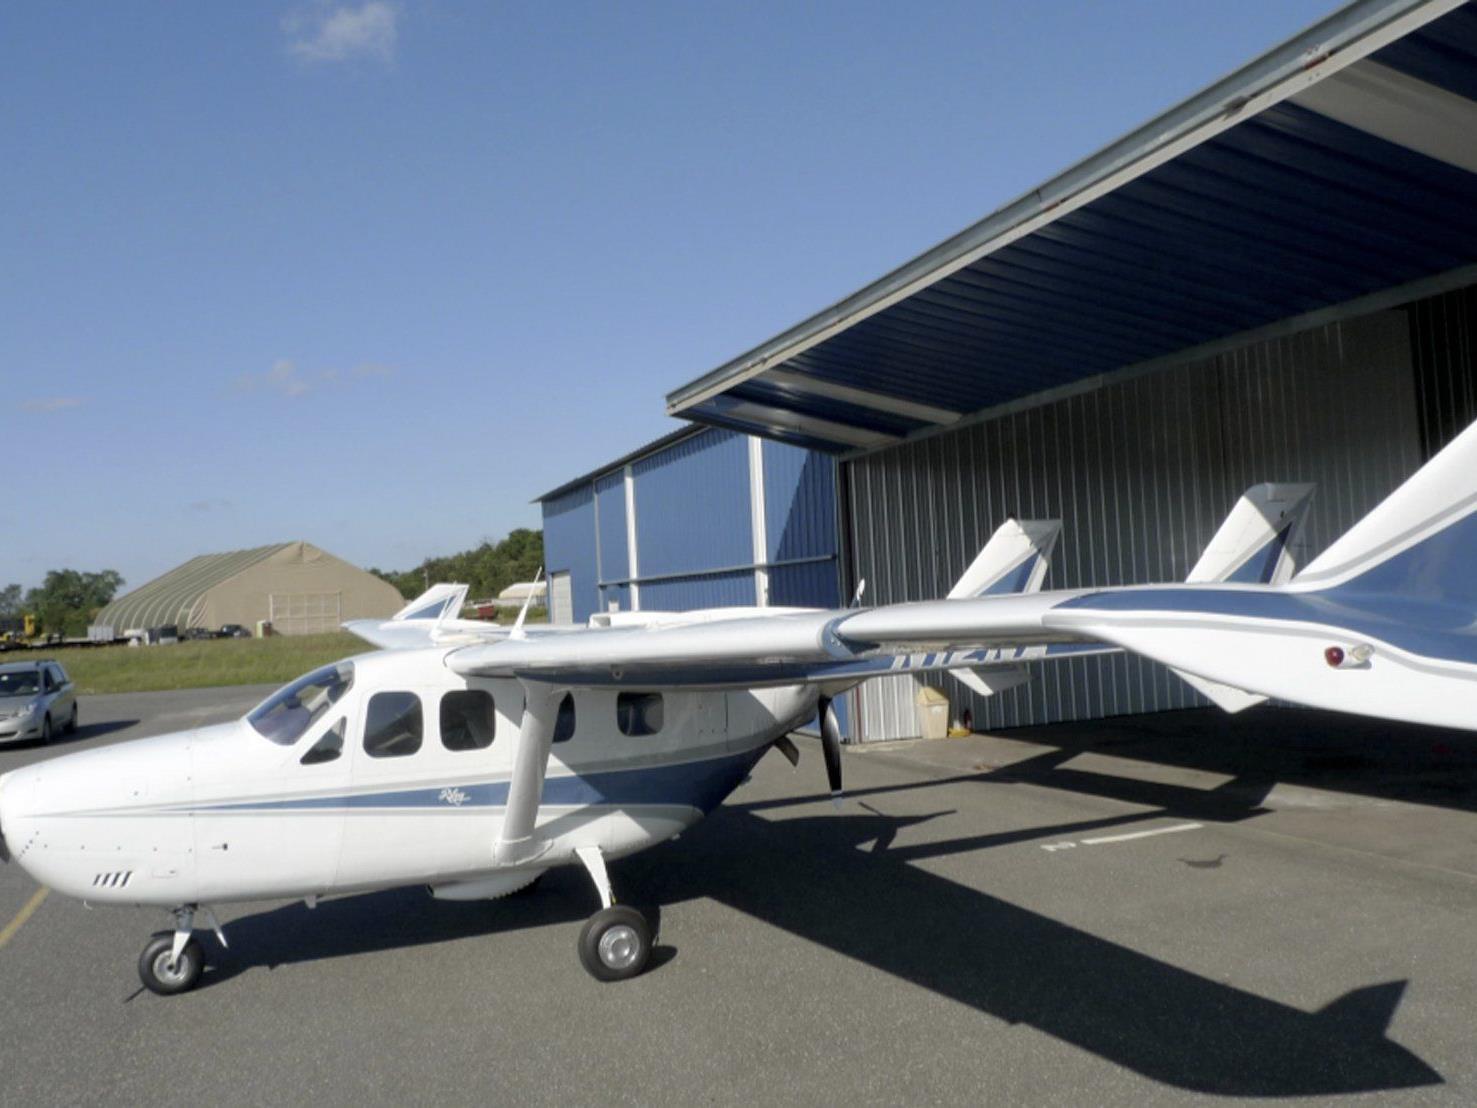 Beim Absturz eines Kleinflugzeuges kamen drei Menschen ums Leben.